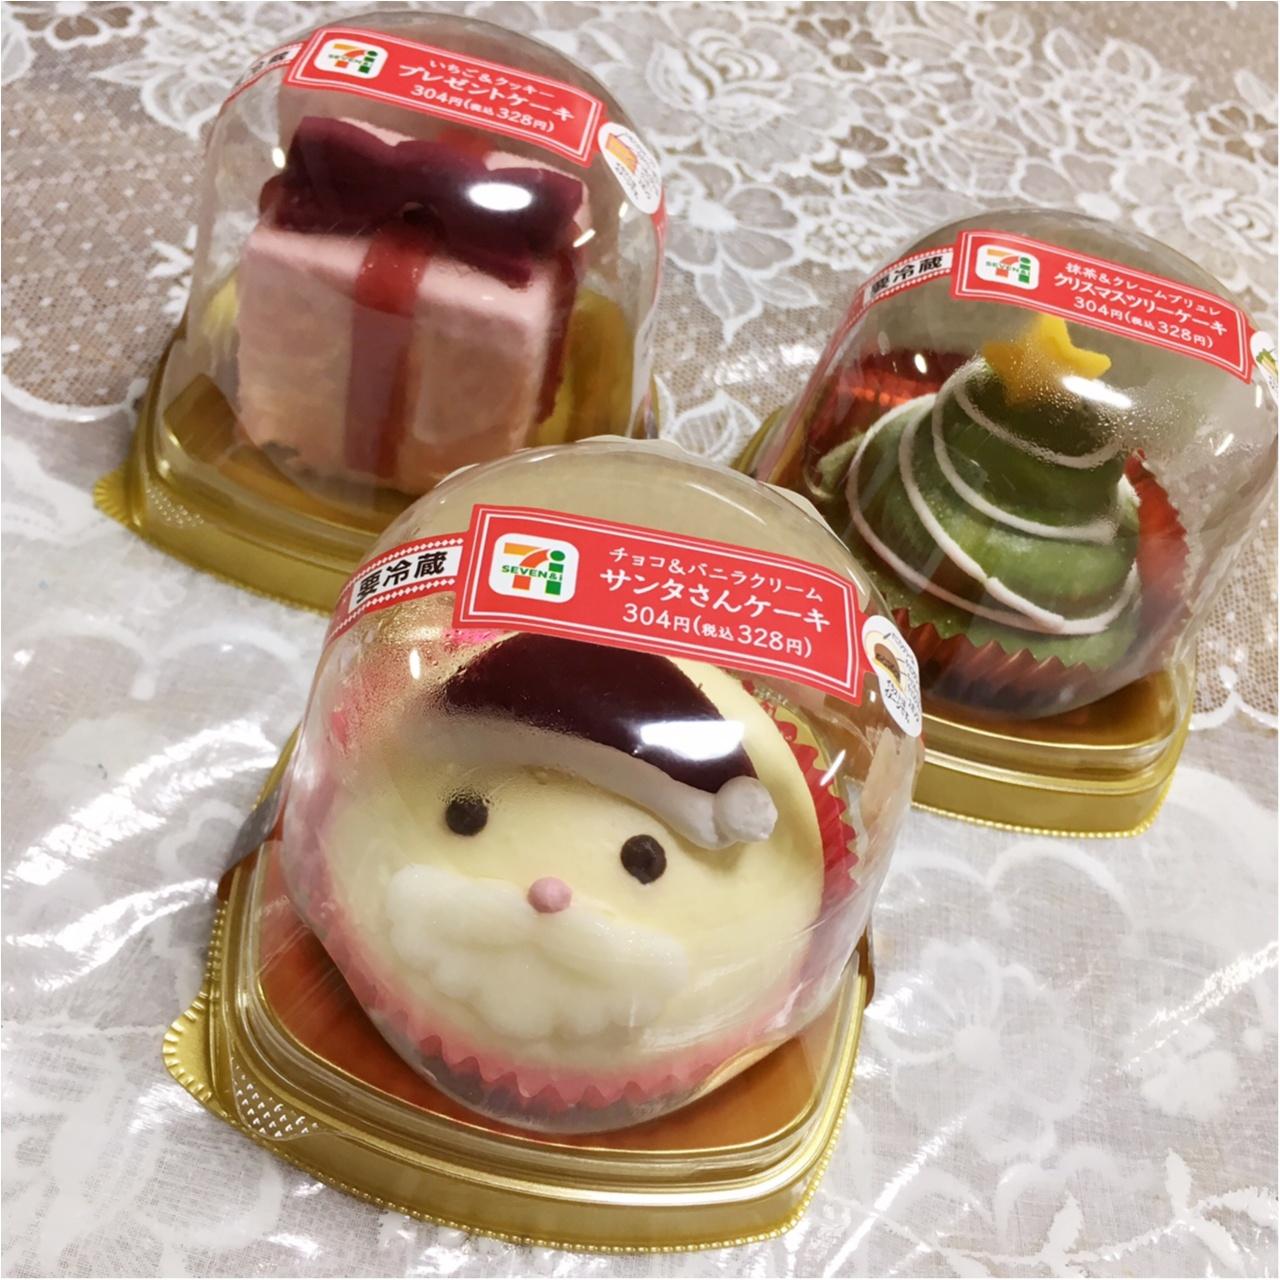 【コンビニスイーツ】インスタ映え間違いなし♡かわいいクリスマスケーキに大注目!【セブンイレブン】_2